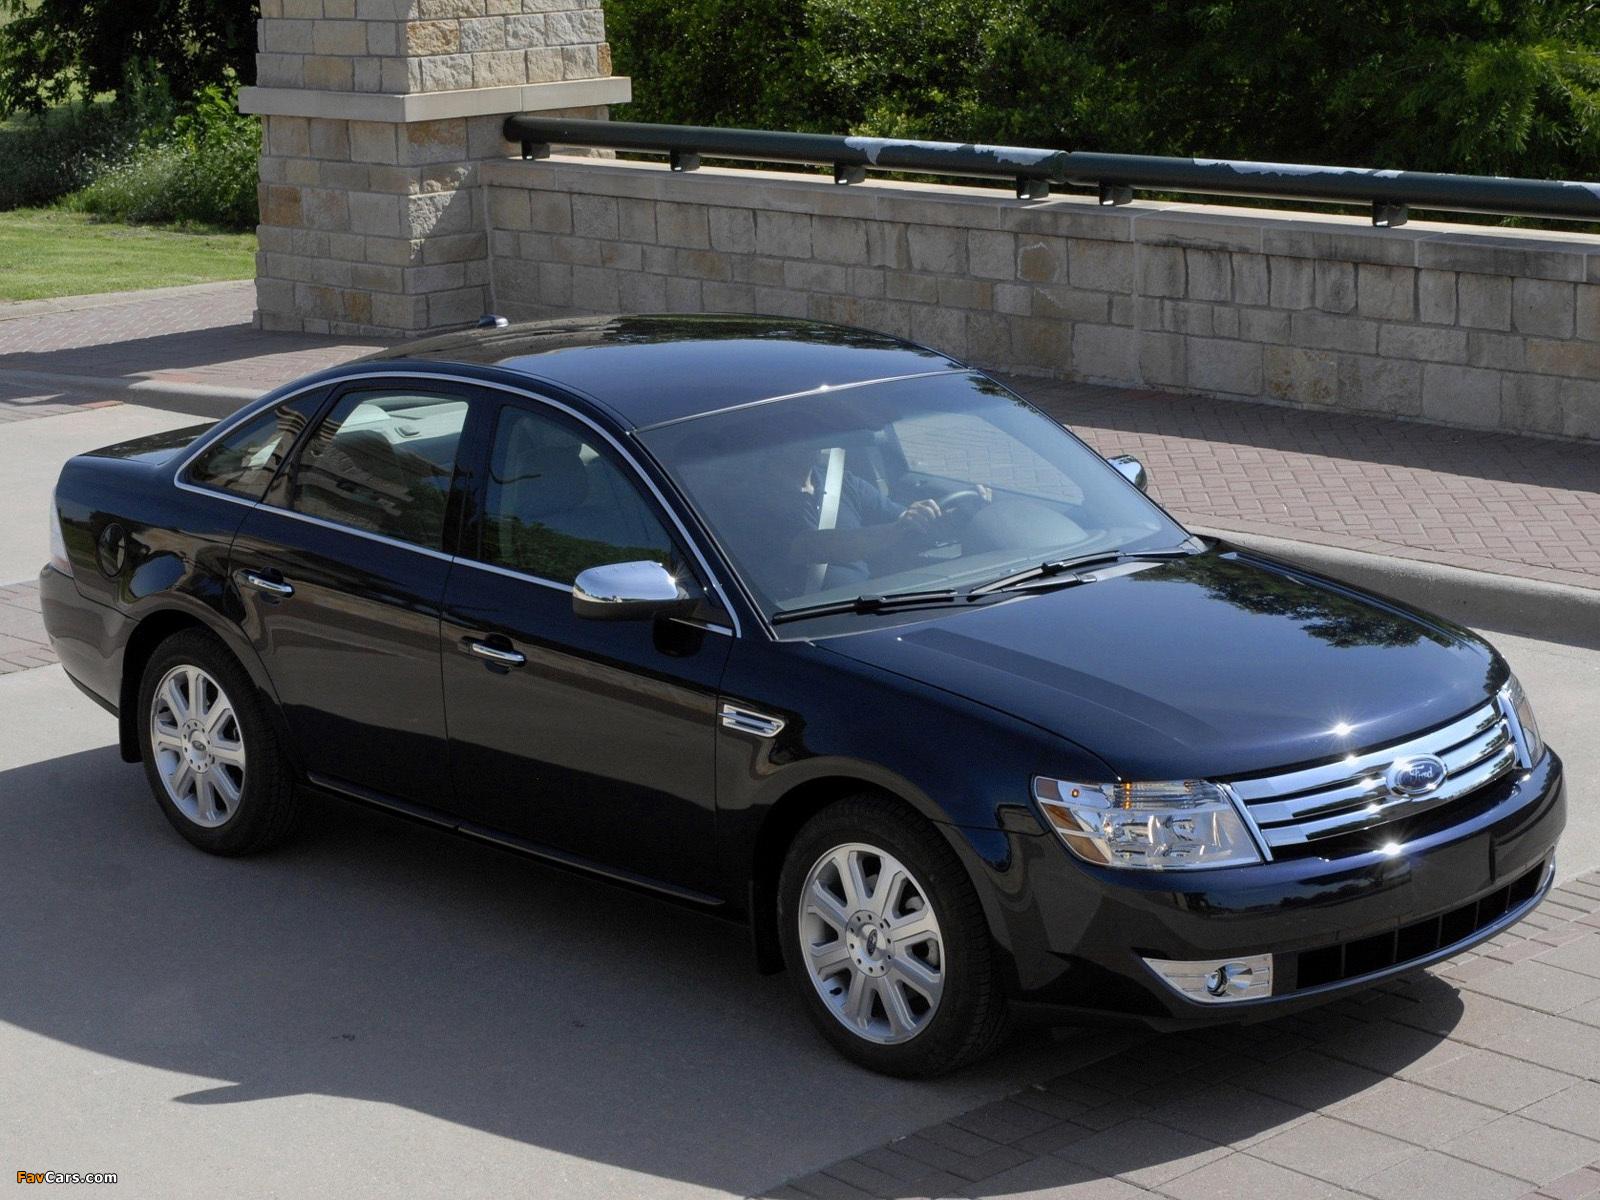 Форд Мондео 2015 года, 2 литра, Здравствуйте, комплектация ...